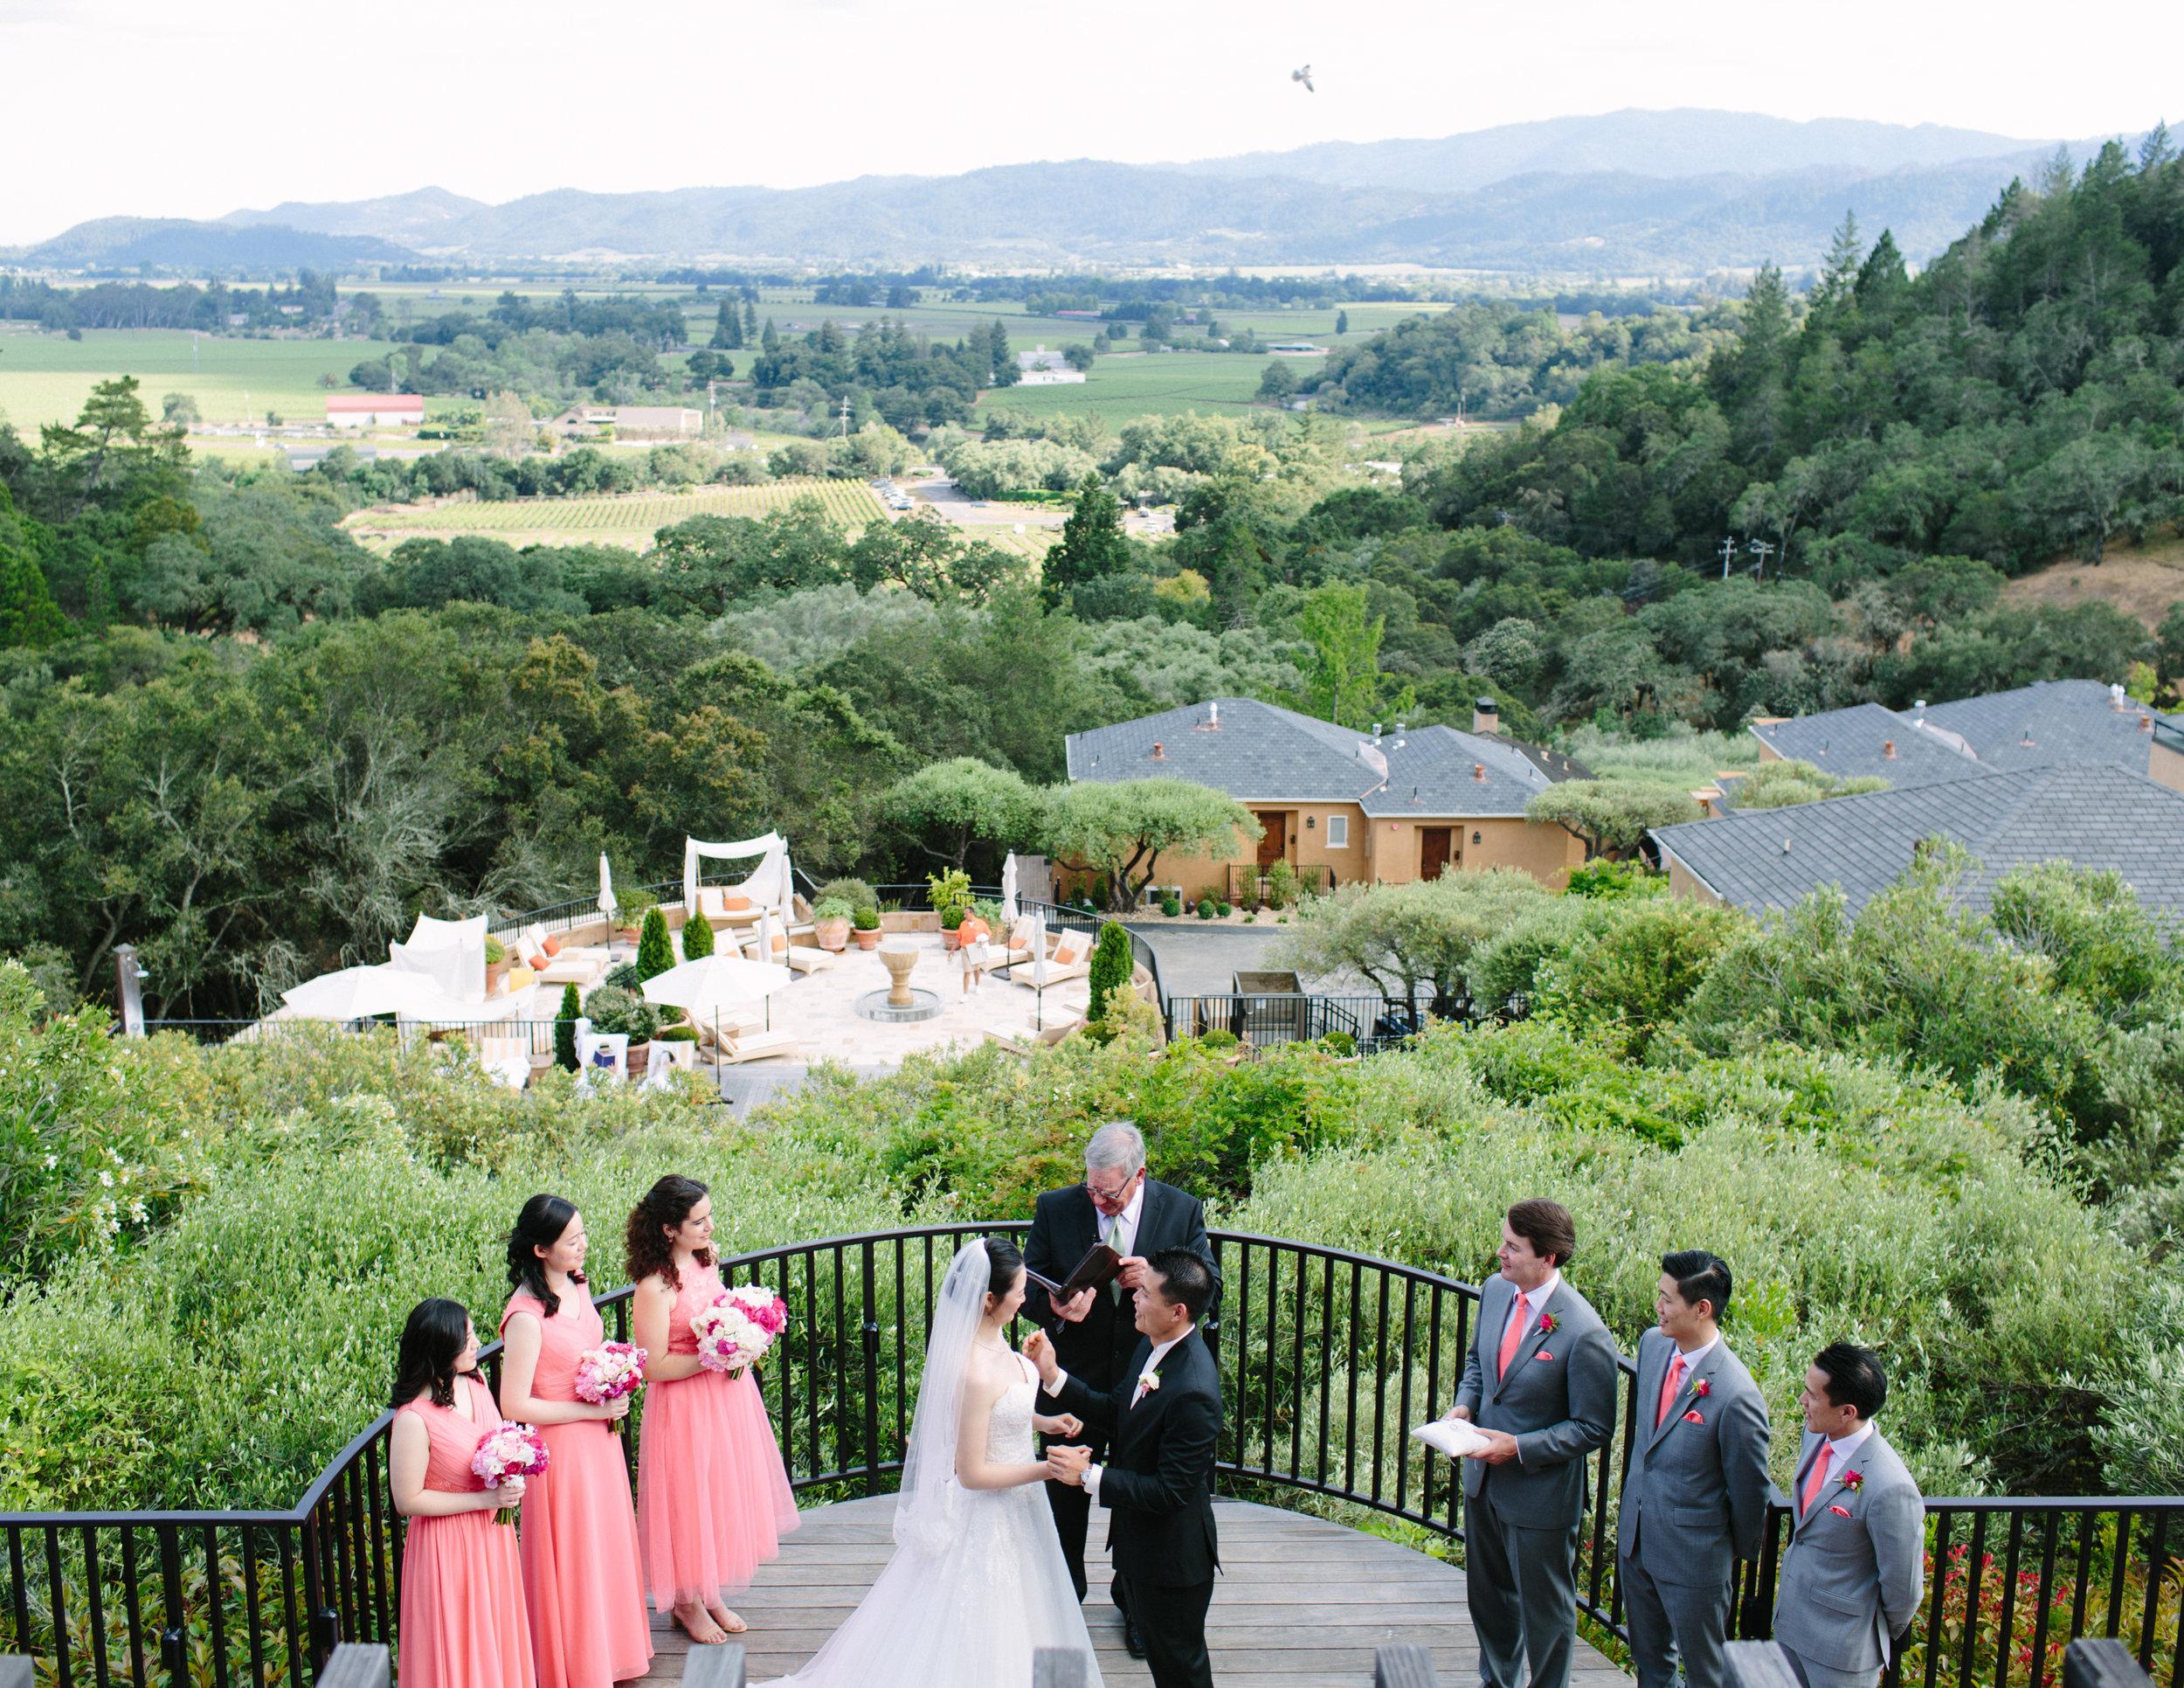 auberge du soleil wedding 7.jpg